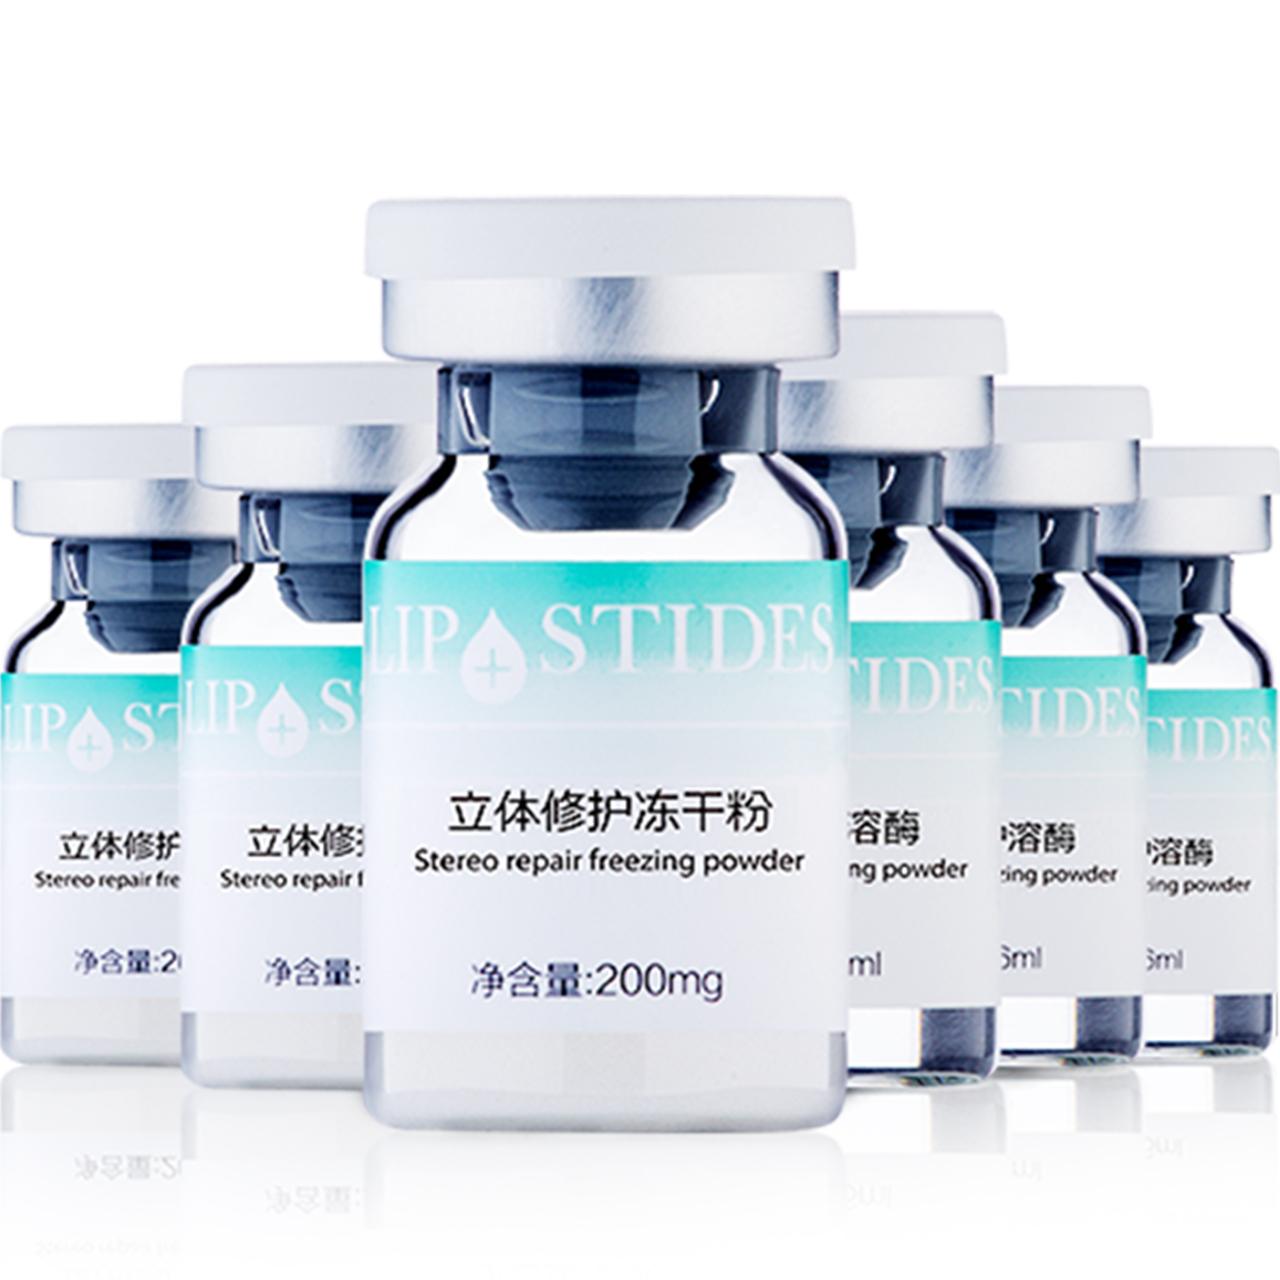 丽普司肽egf冻干粉寡肽原液修复去淡化祛痘印痘坑正品收缩毛孔